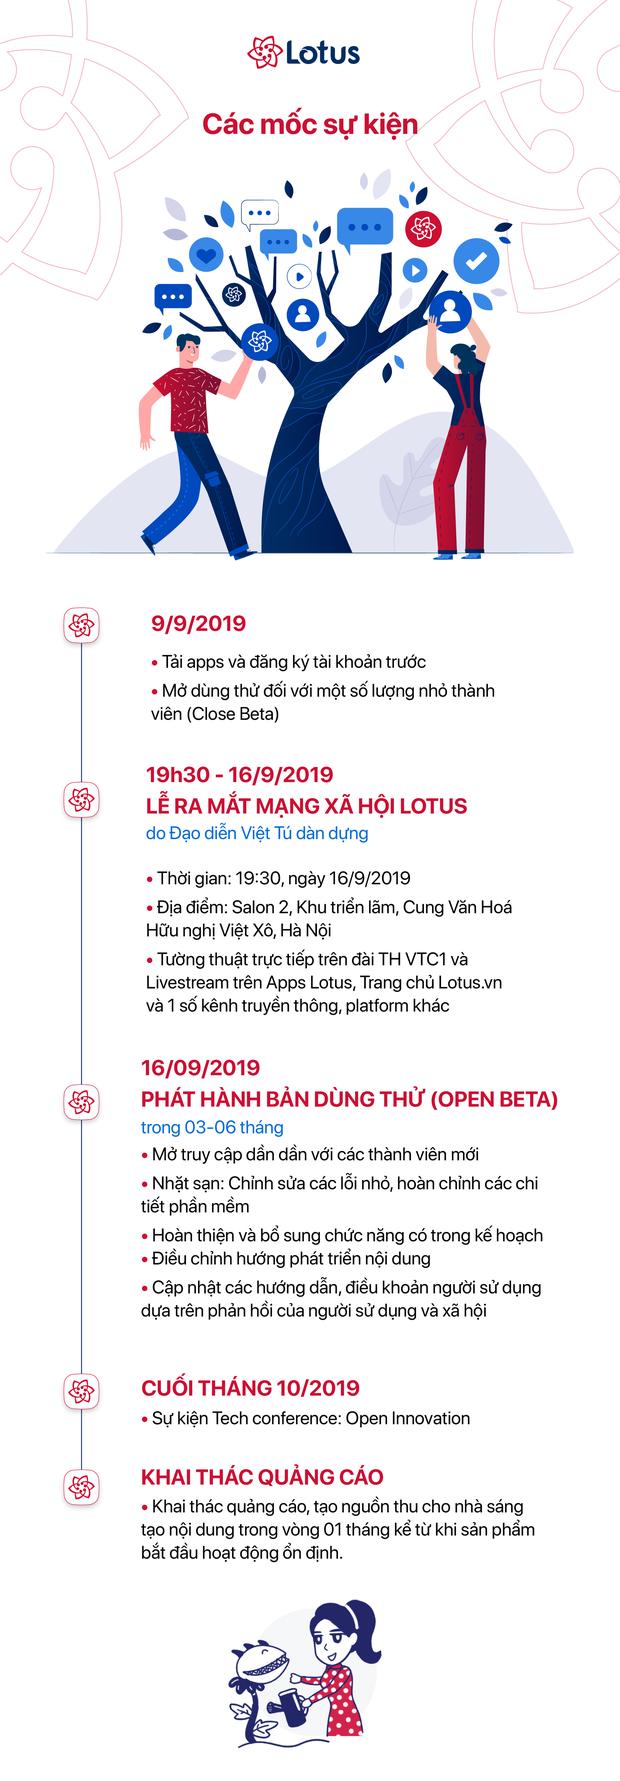 """Đạo diễn Việt Tú - chủ nhân của sân khấu 3D đỉnh cao trong đêm ra mắt MXH Lotus và bài chia sẻ tâm huyết: """"Hệ sinh thái kiến thức sẽ được mở rộng cho khắp chúng ta"""" - Ảnh 10."""